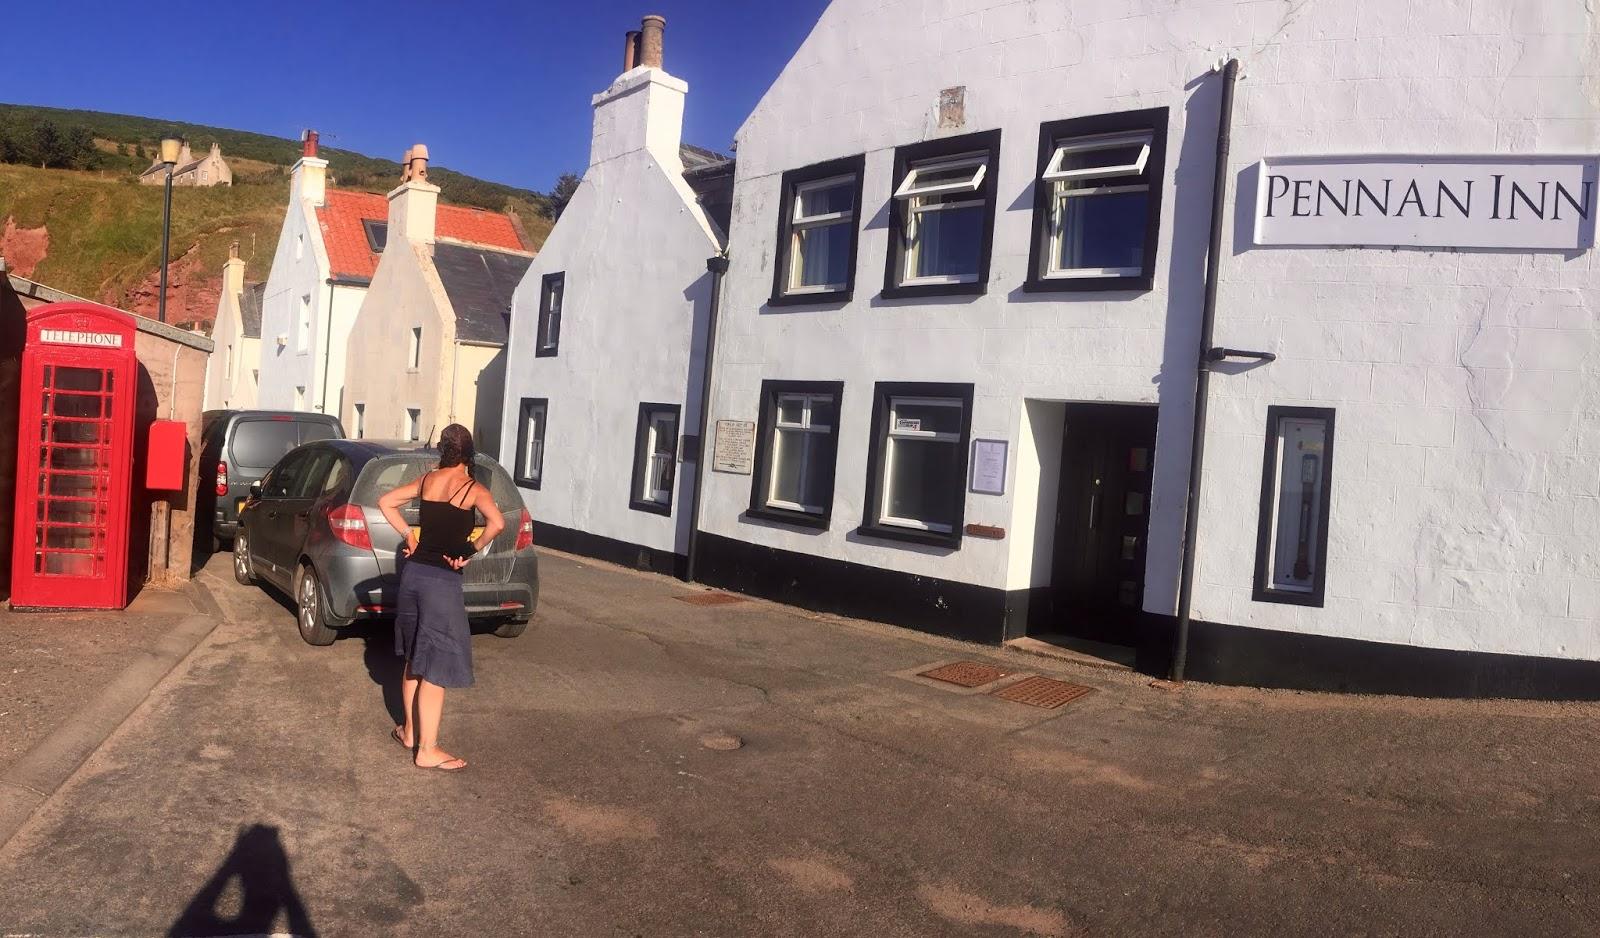 ผลการค้นหารูปภาพสำหรับ pennan inn scotland sheet metal local hero